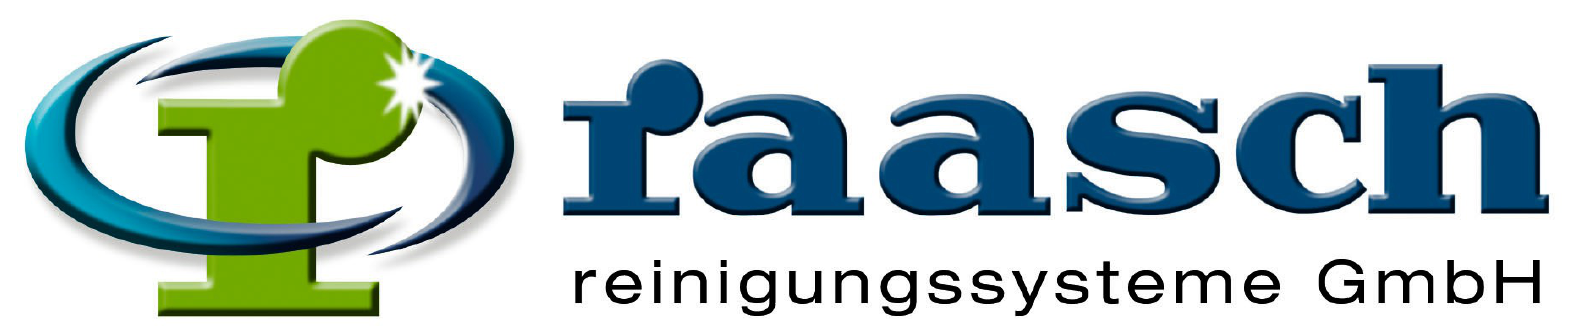 raasch Hersteller Reinigungsmittel Chemie Linz Ober Österreich | raasch Profi Reinigungsmittel für Industrie Werkstatt Öko u. Biologische Reiniger